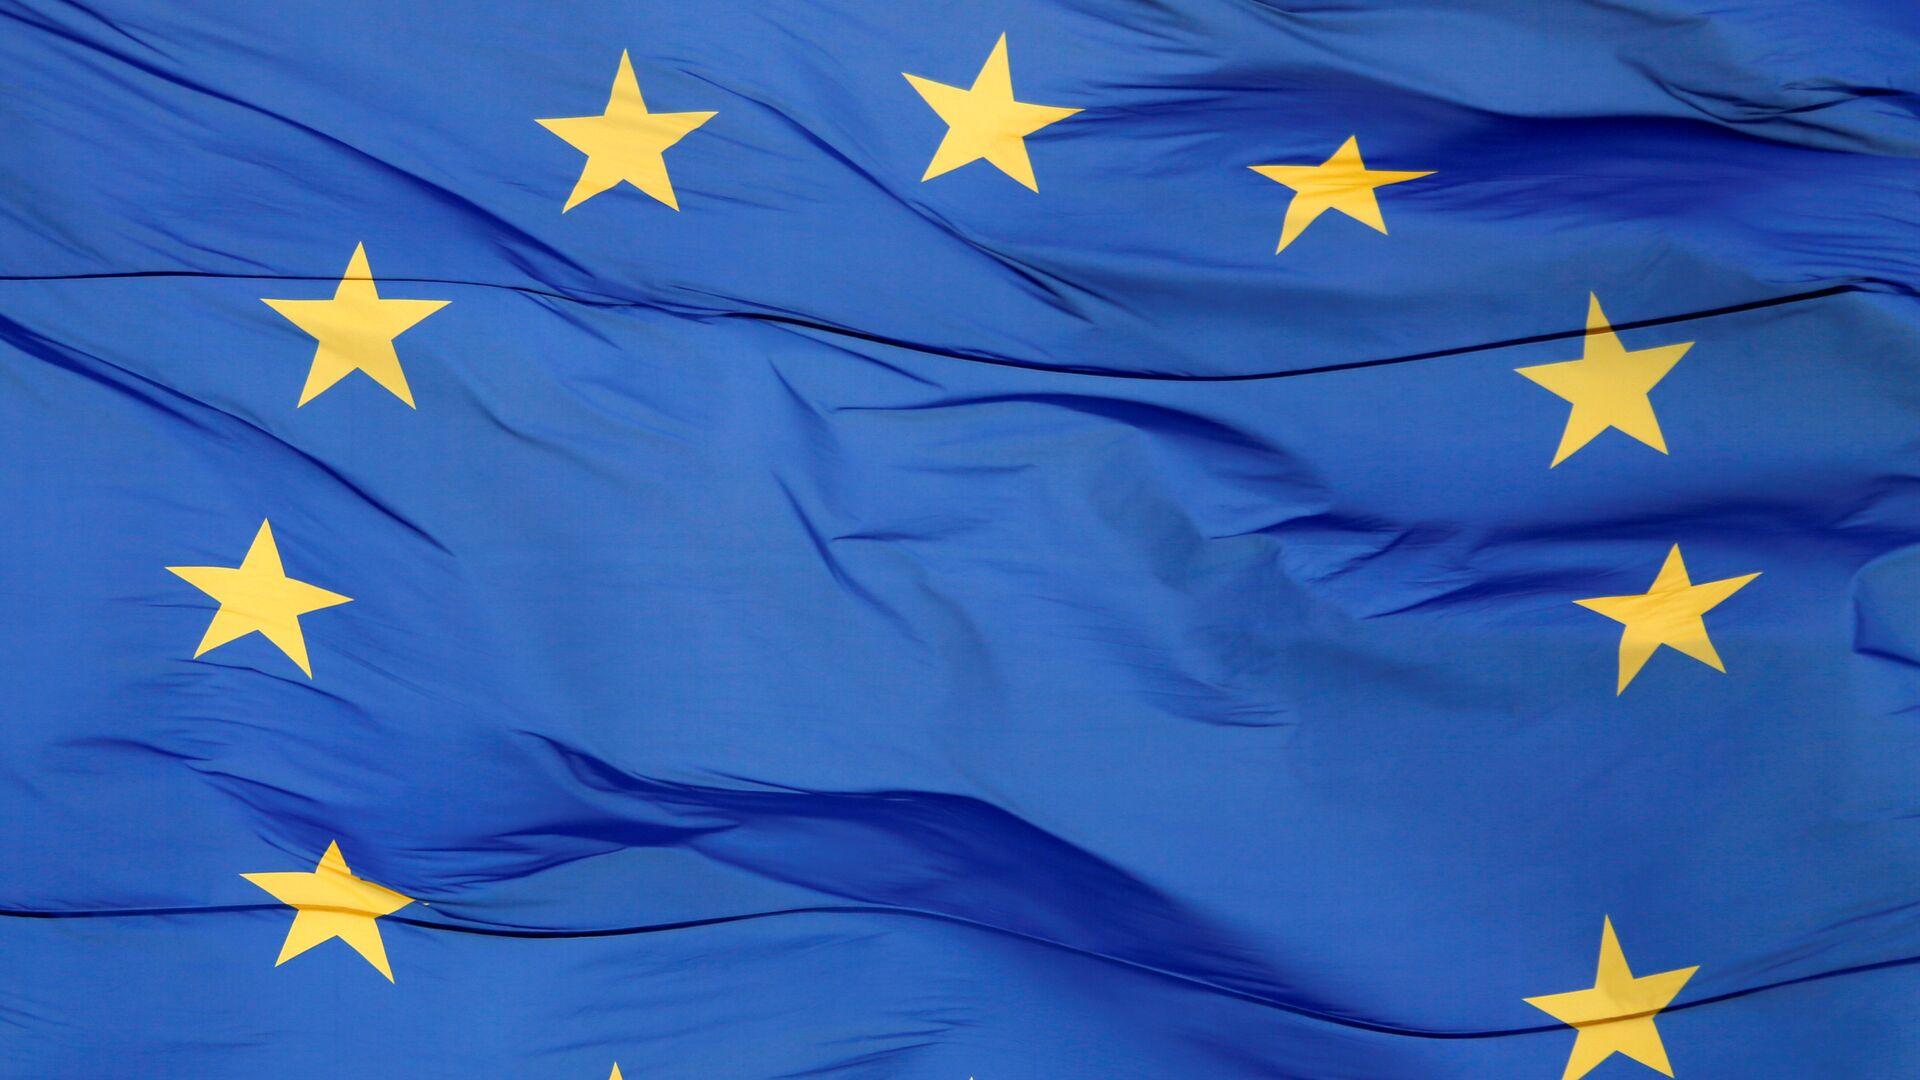 Bandera de la UE - Sputnik Mundo, 1920, 02.08.2021